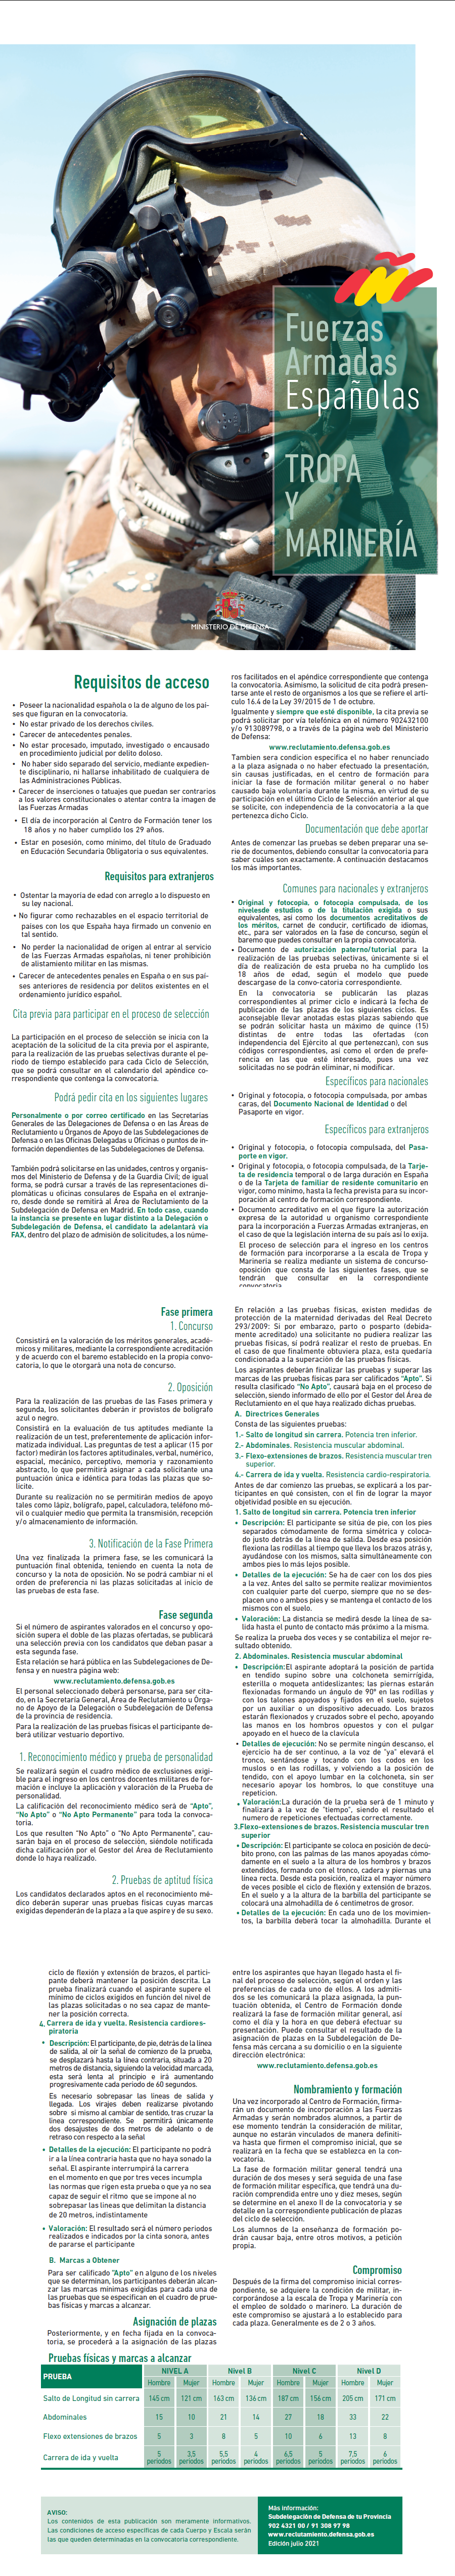 folleto_nuevotropa21